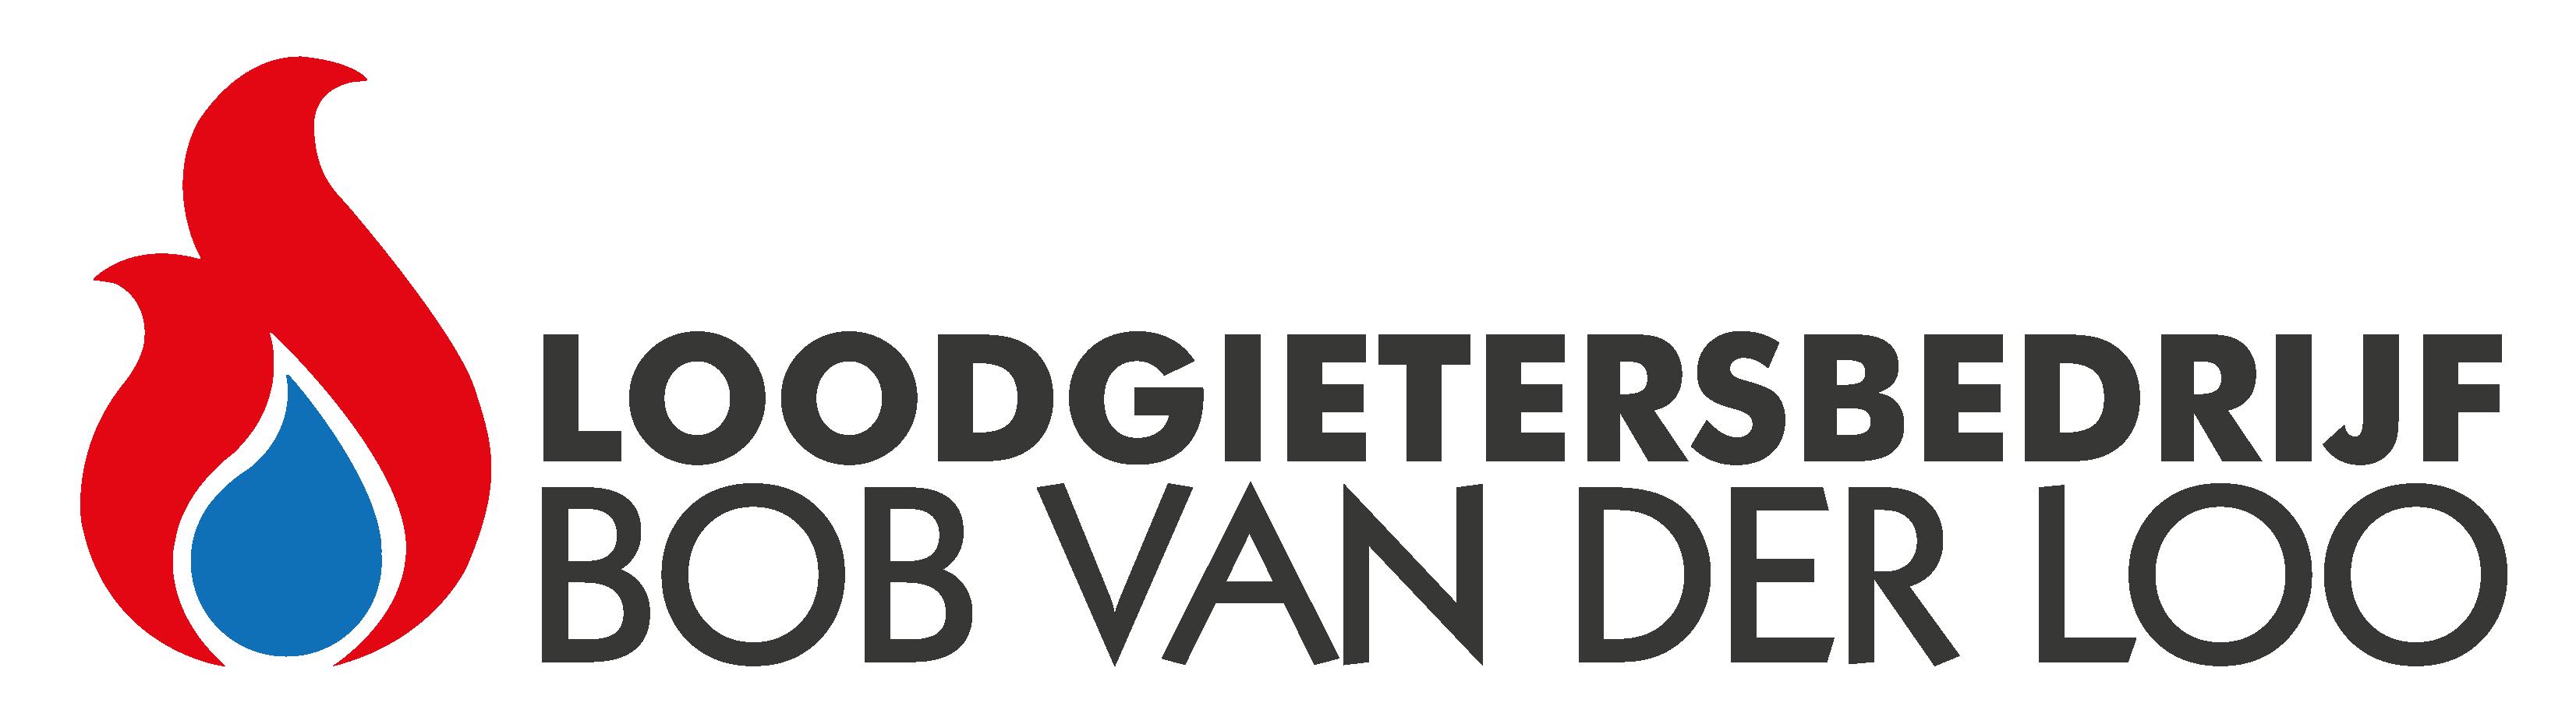 Sponsor Megan Brouwers, Loodgietersbedrijf Bob van der Loo, Vlijmen